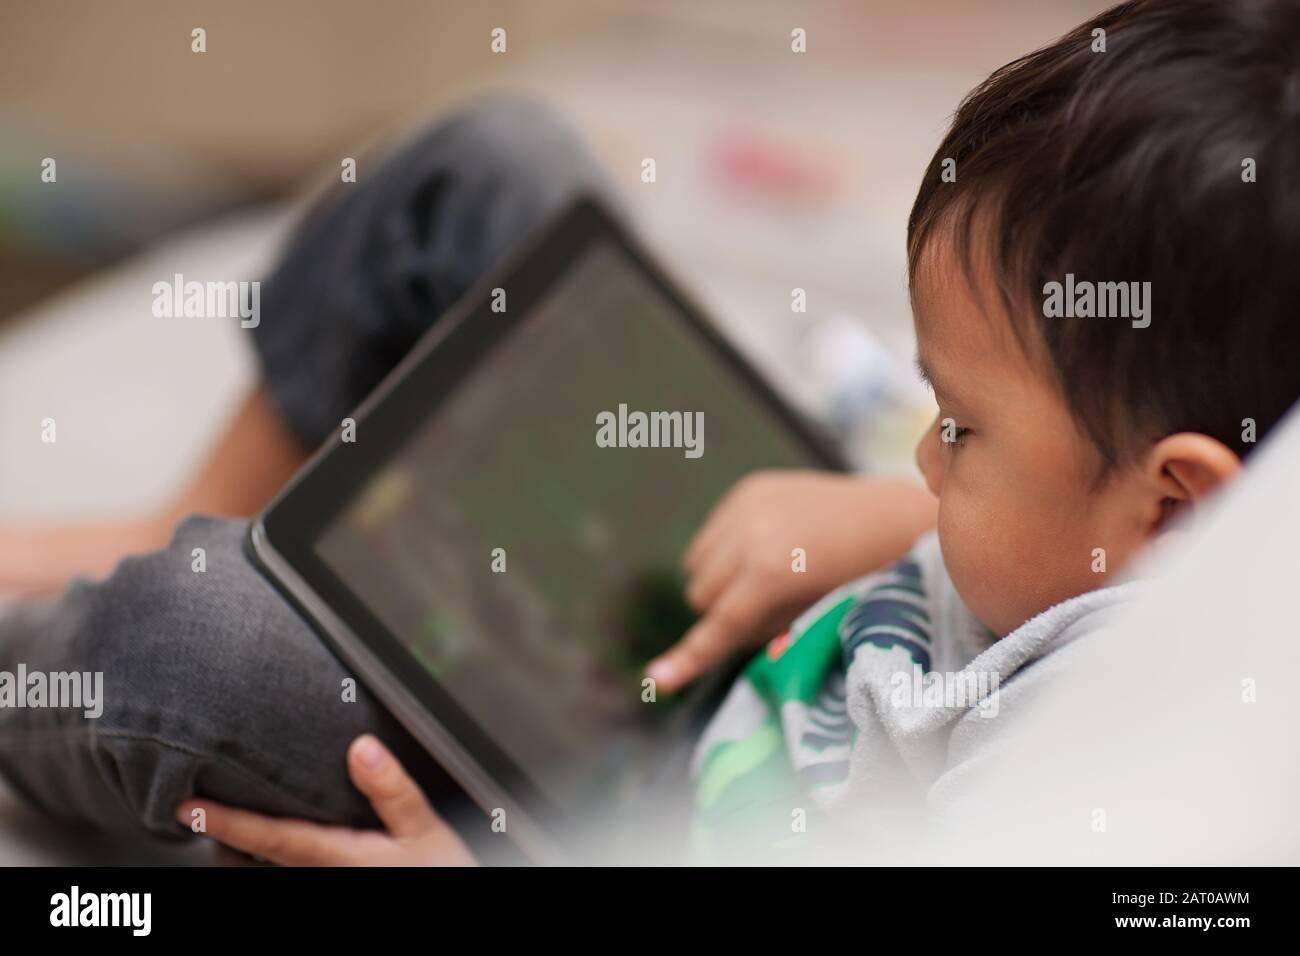 Un tout-petit non supervisé utilisant une tablette à la maison qui est détendu assis sur un canapé et à l'aide de son doigt sur l'écran tactile. Banque D'Images